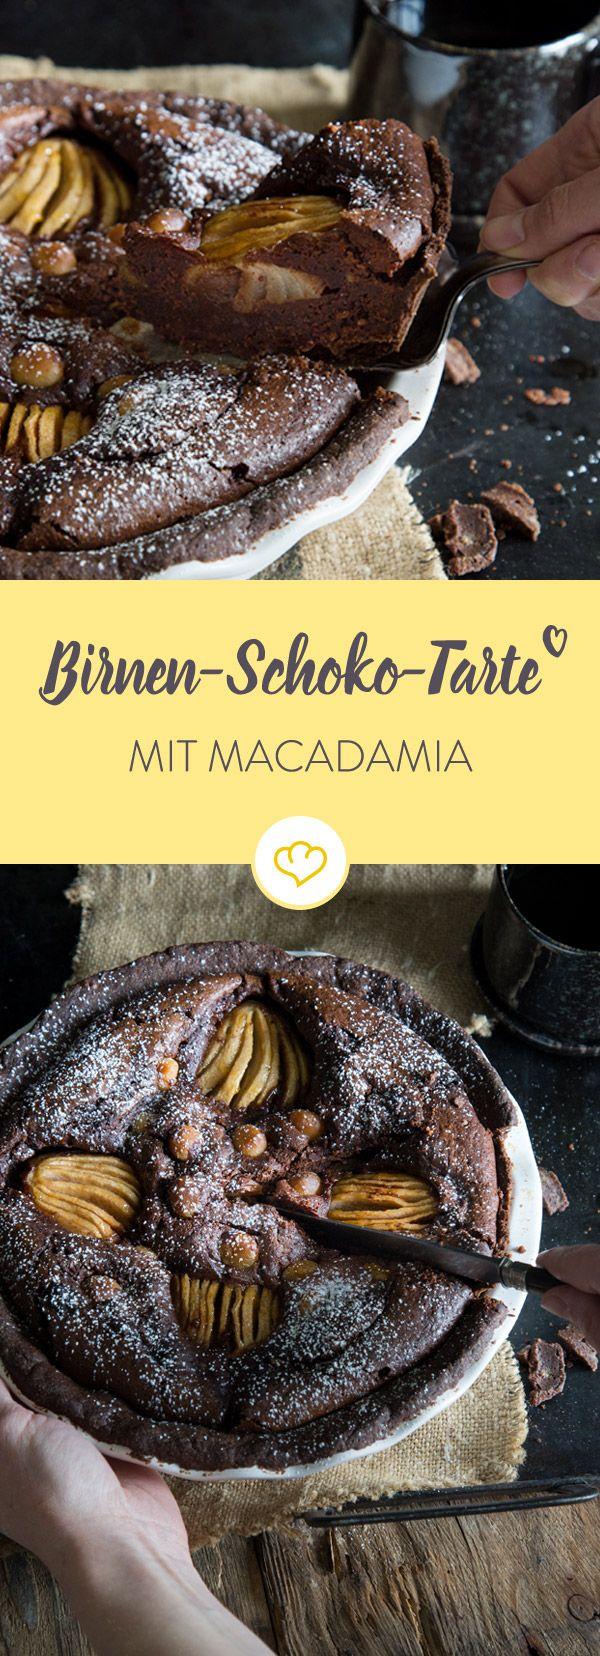 In diese mächtige Schokoladentarte bringen saftige Birnen und knackige Macadamianüsse neuen Schwung und geschmackliche Abwechslung.